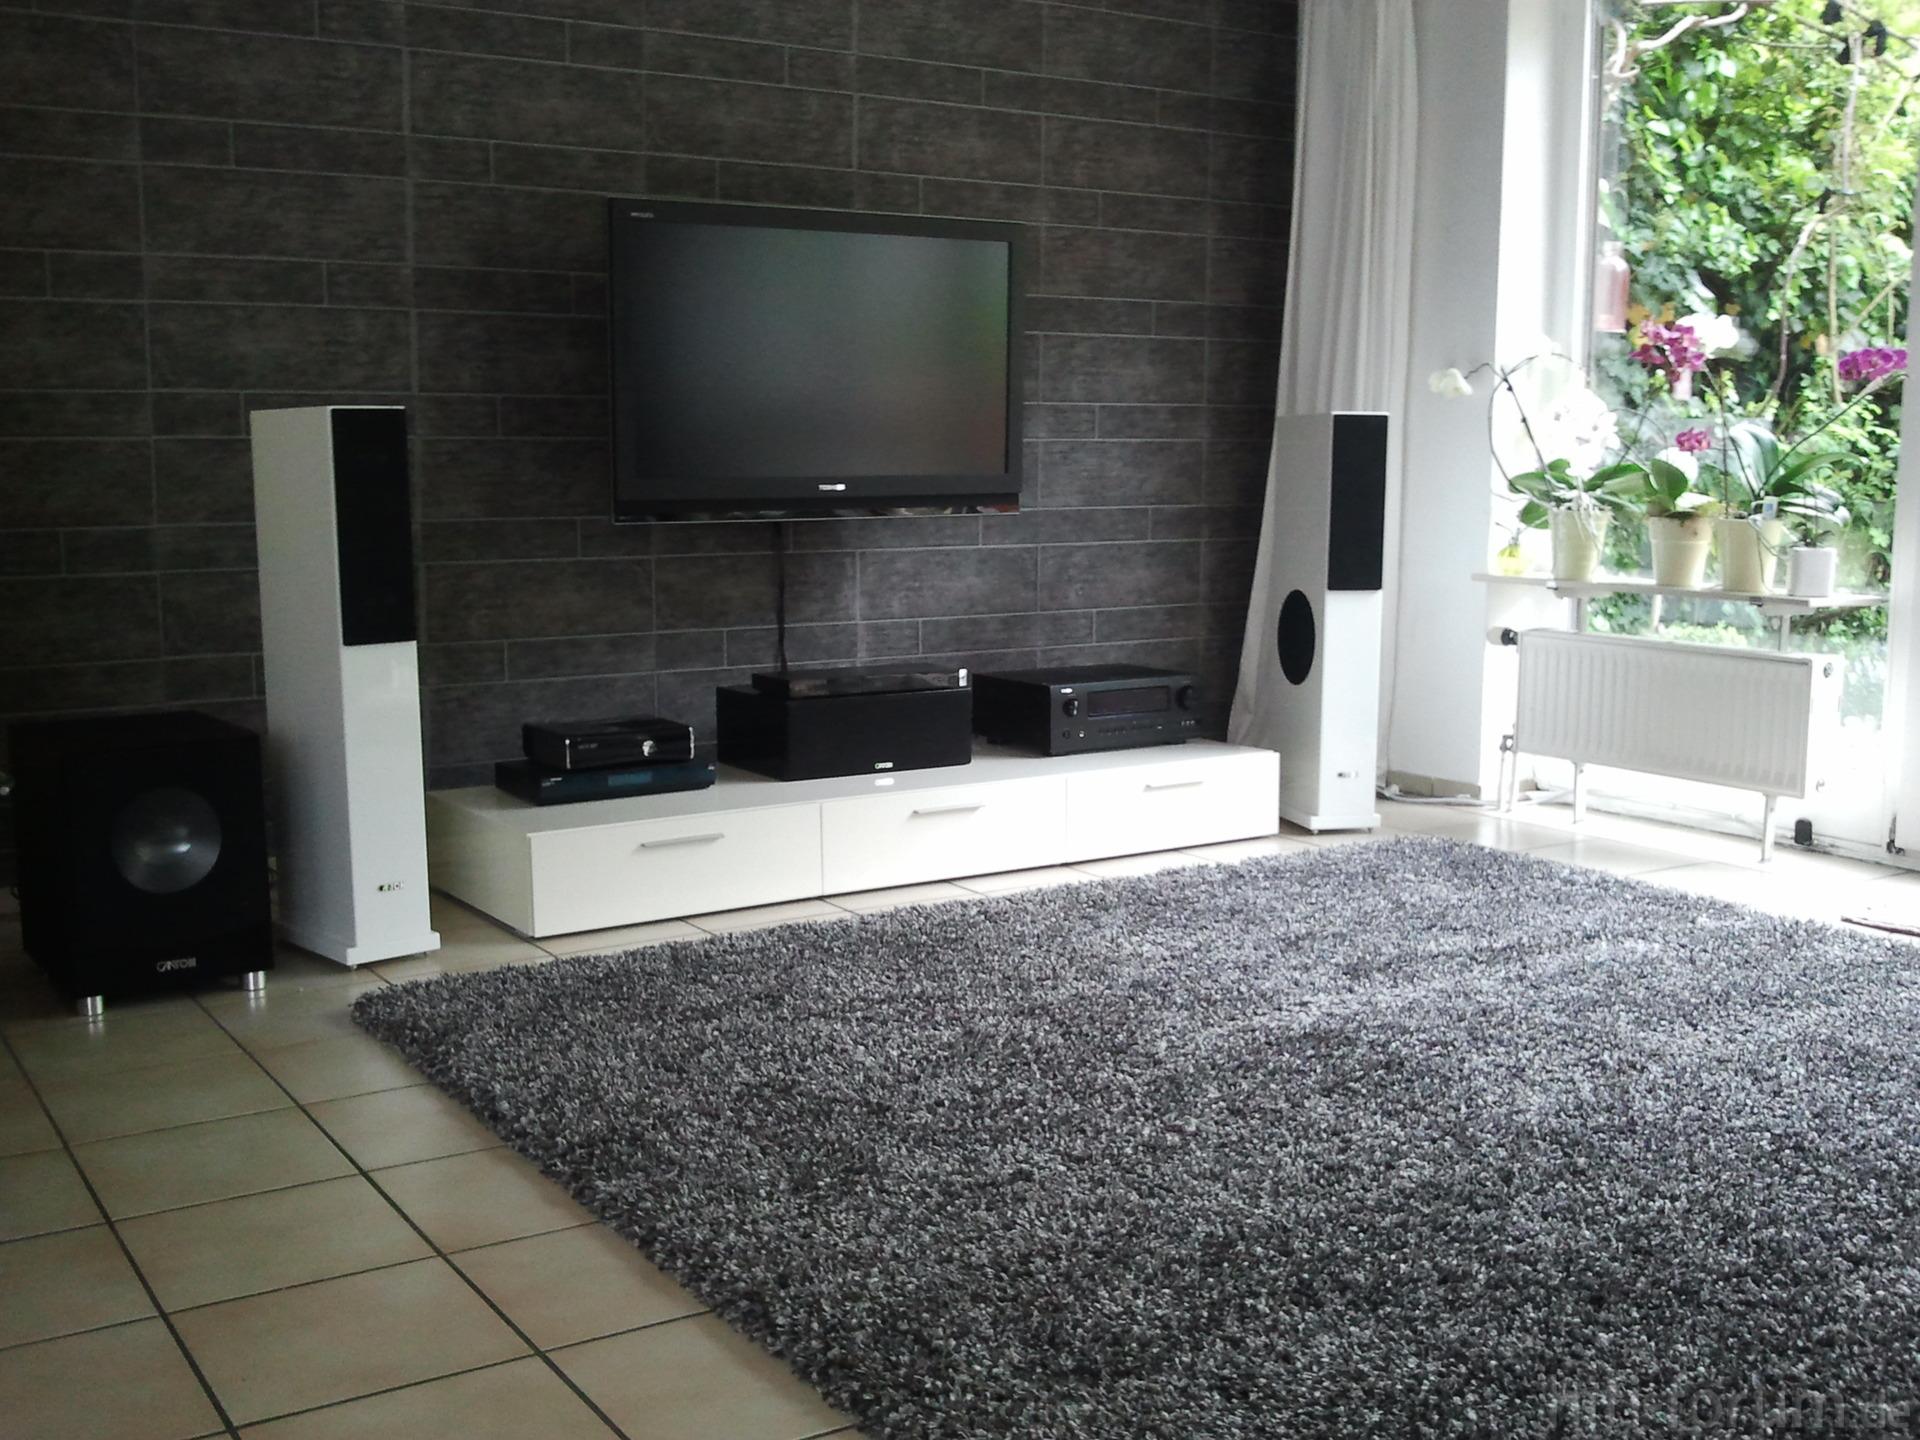 wohnzimmer mit neuem teppich teppich wohnzimmer hifi bildergalerie. Black Bedroom Furniture Sets. Home Design Ideas